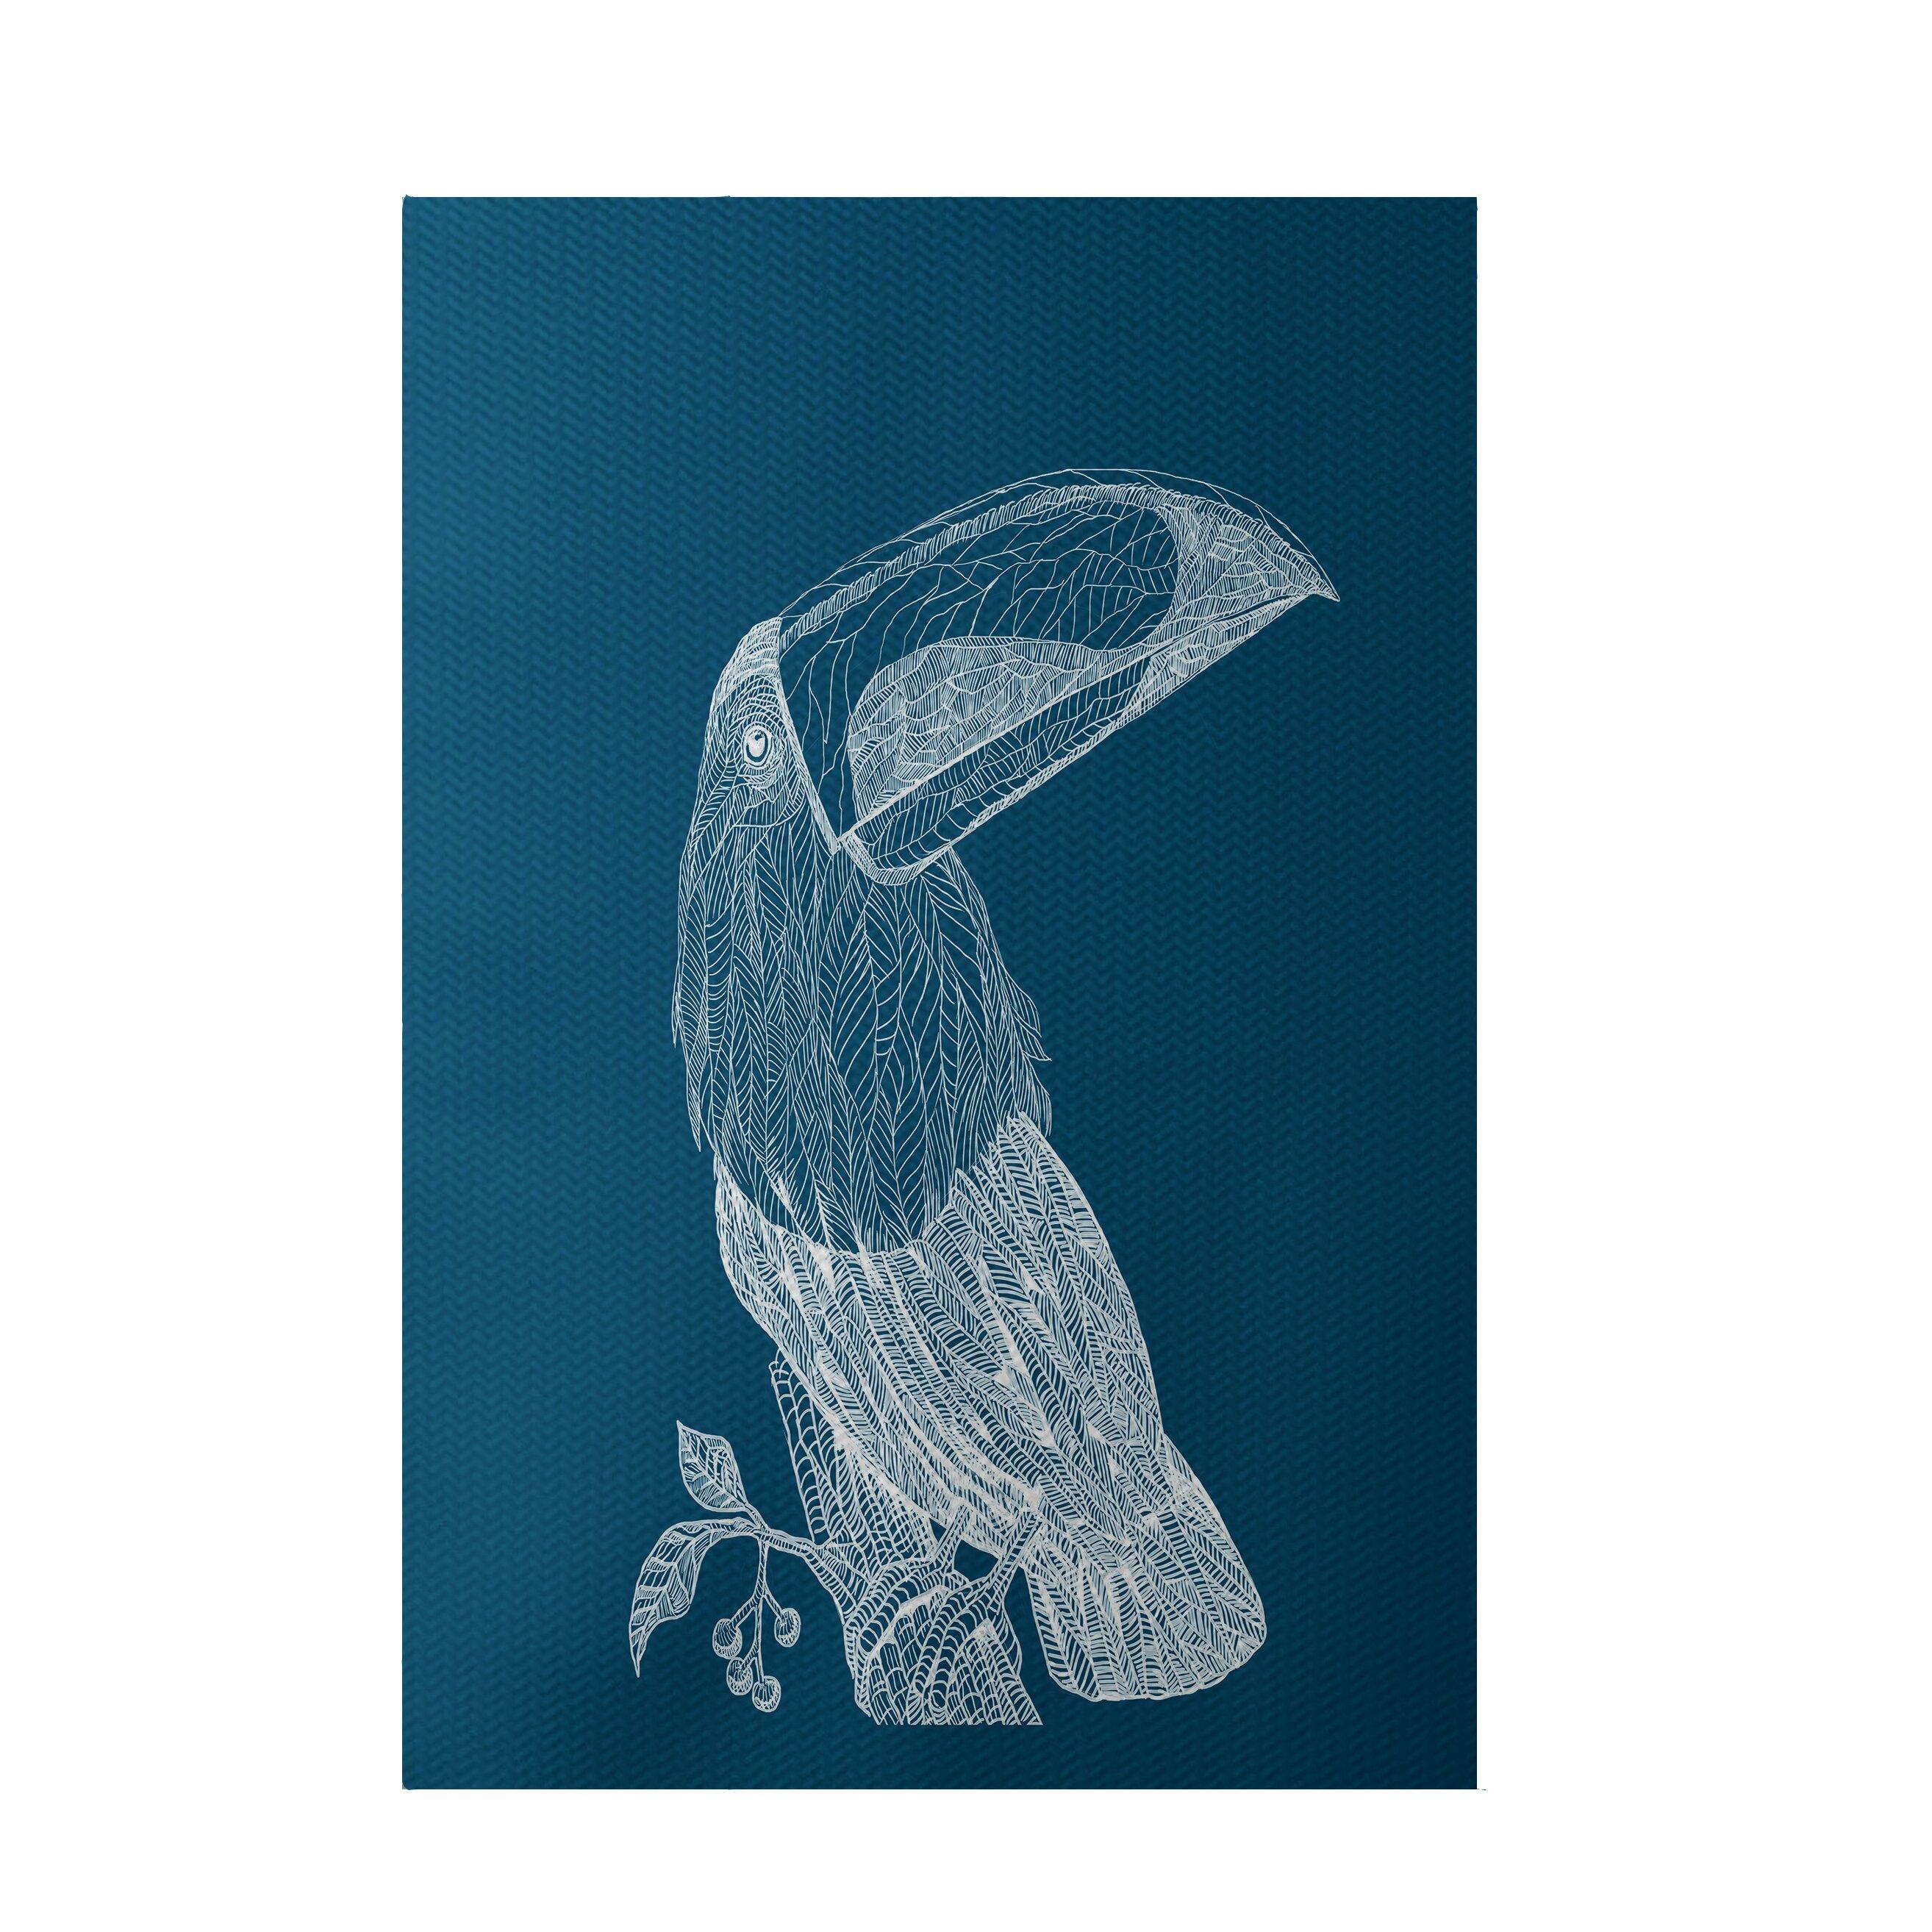 E By Design Bird Print Teal Indoor/Outdoor Area Rug